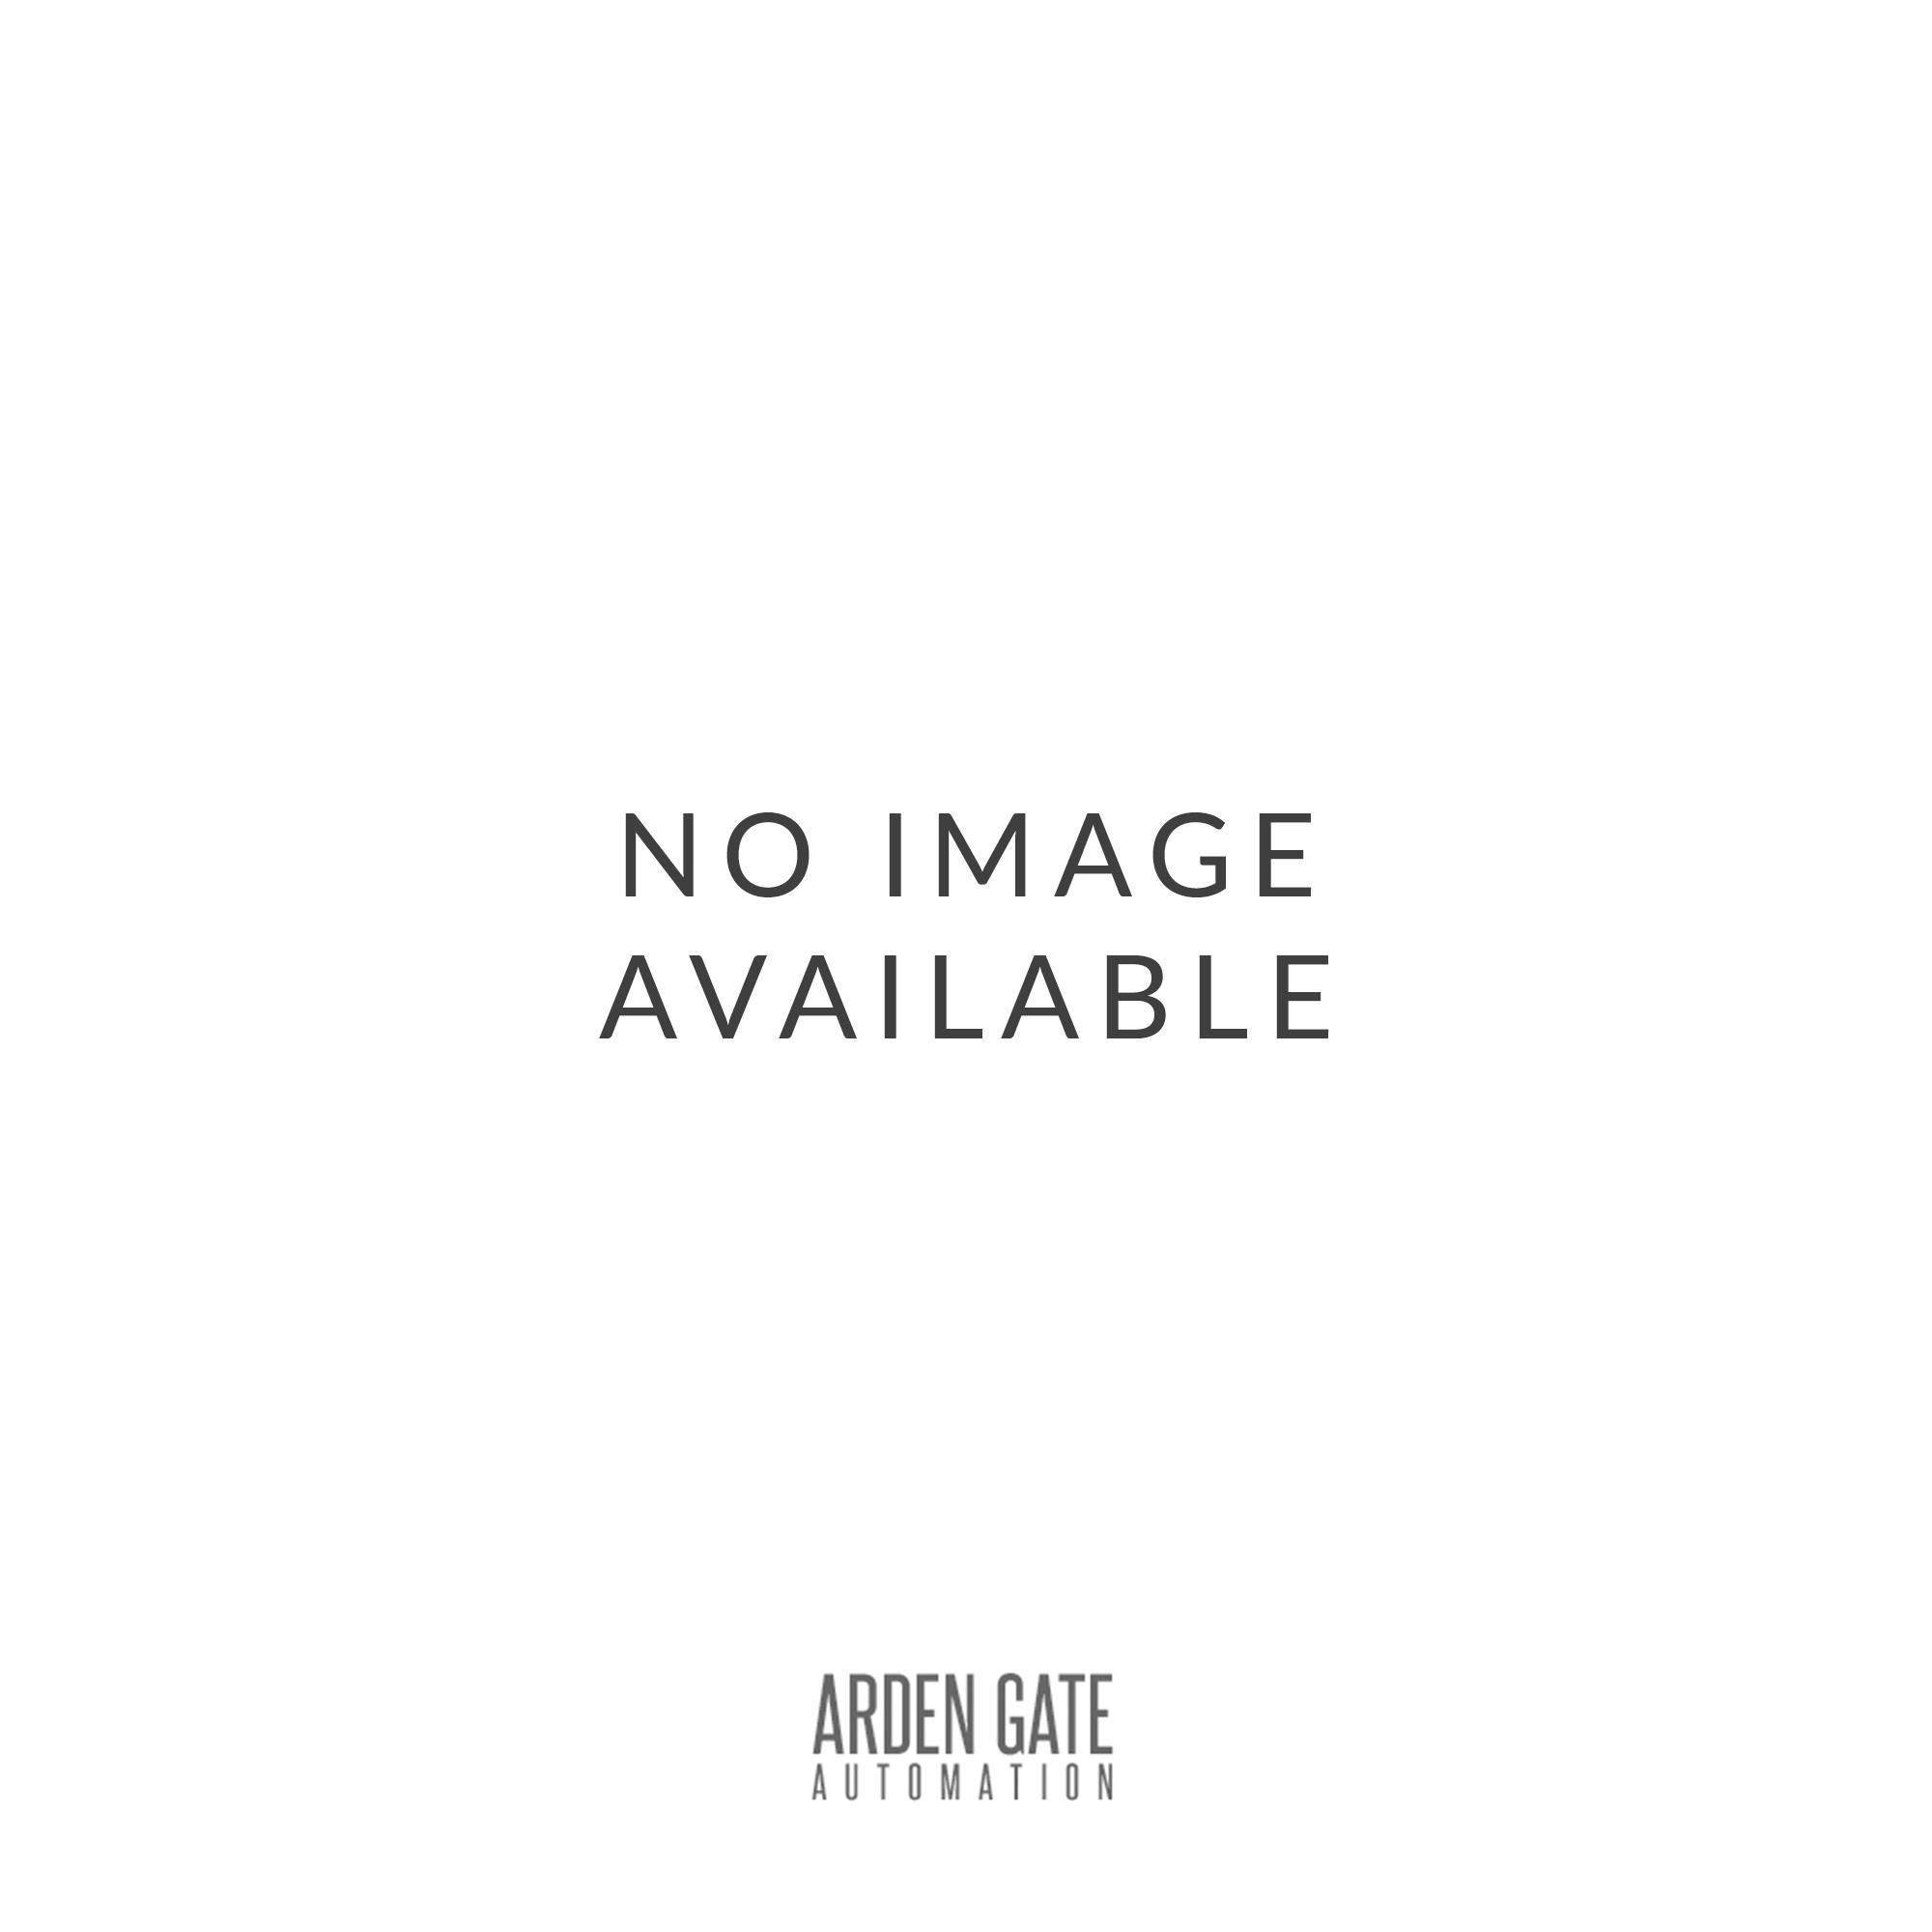 Sub EG Hydraulic motor (LH or RH motor)